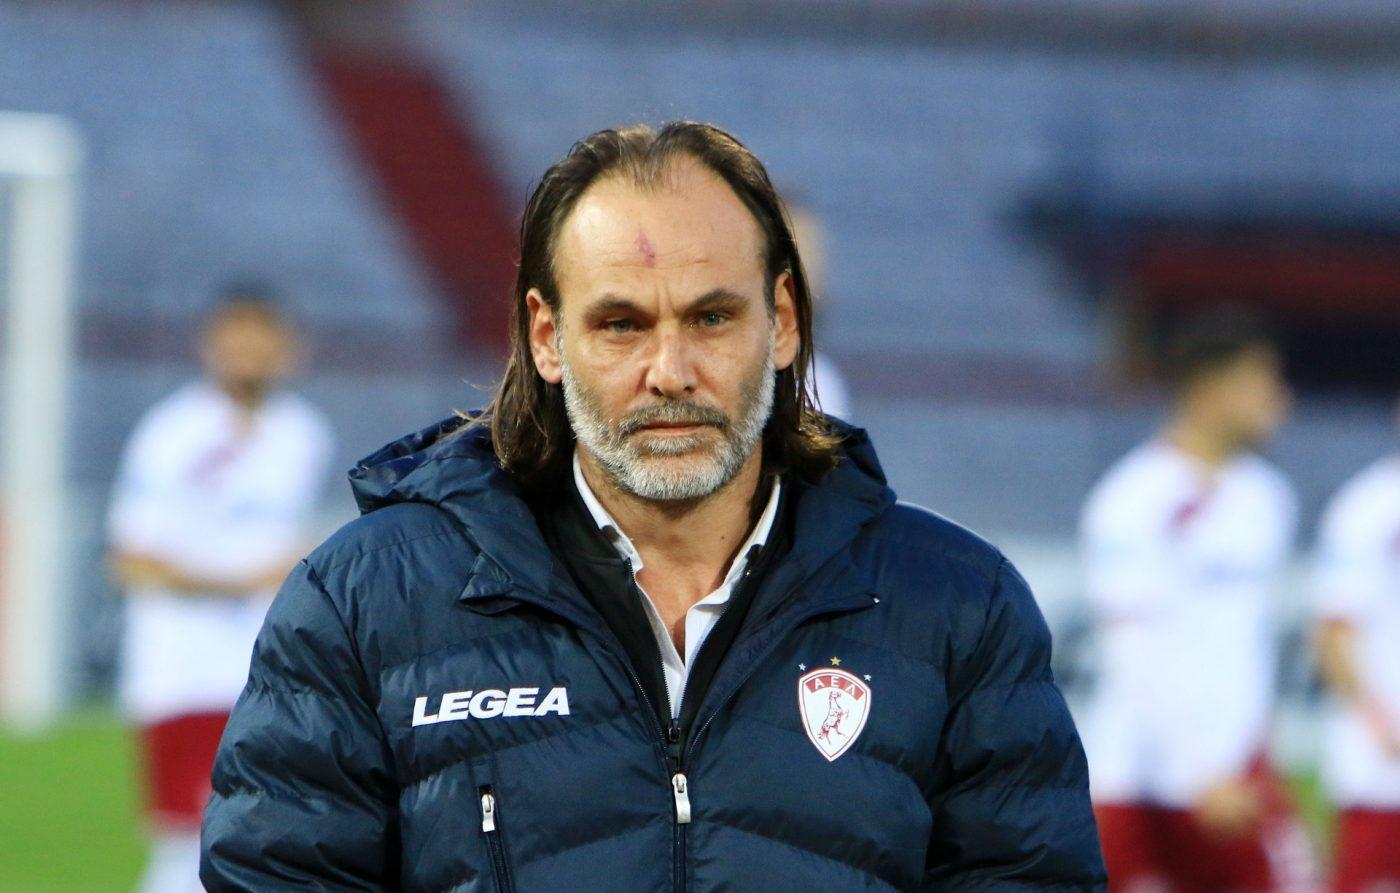 Τέλος και επίσημα ο Τάτσης, ψάχνει προπονητή η Λάρισα